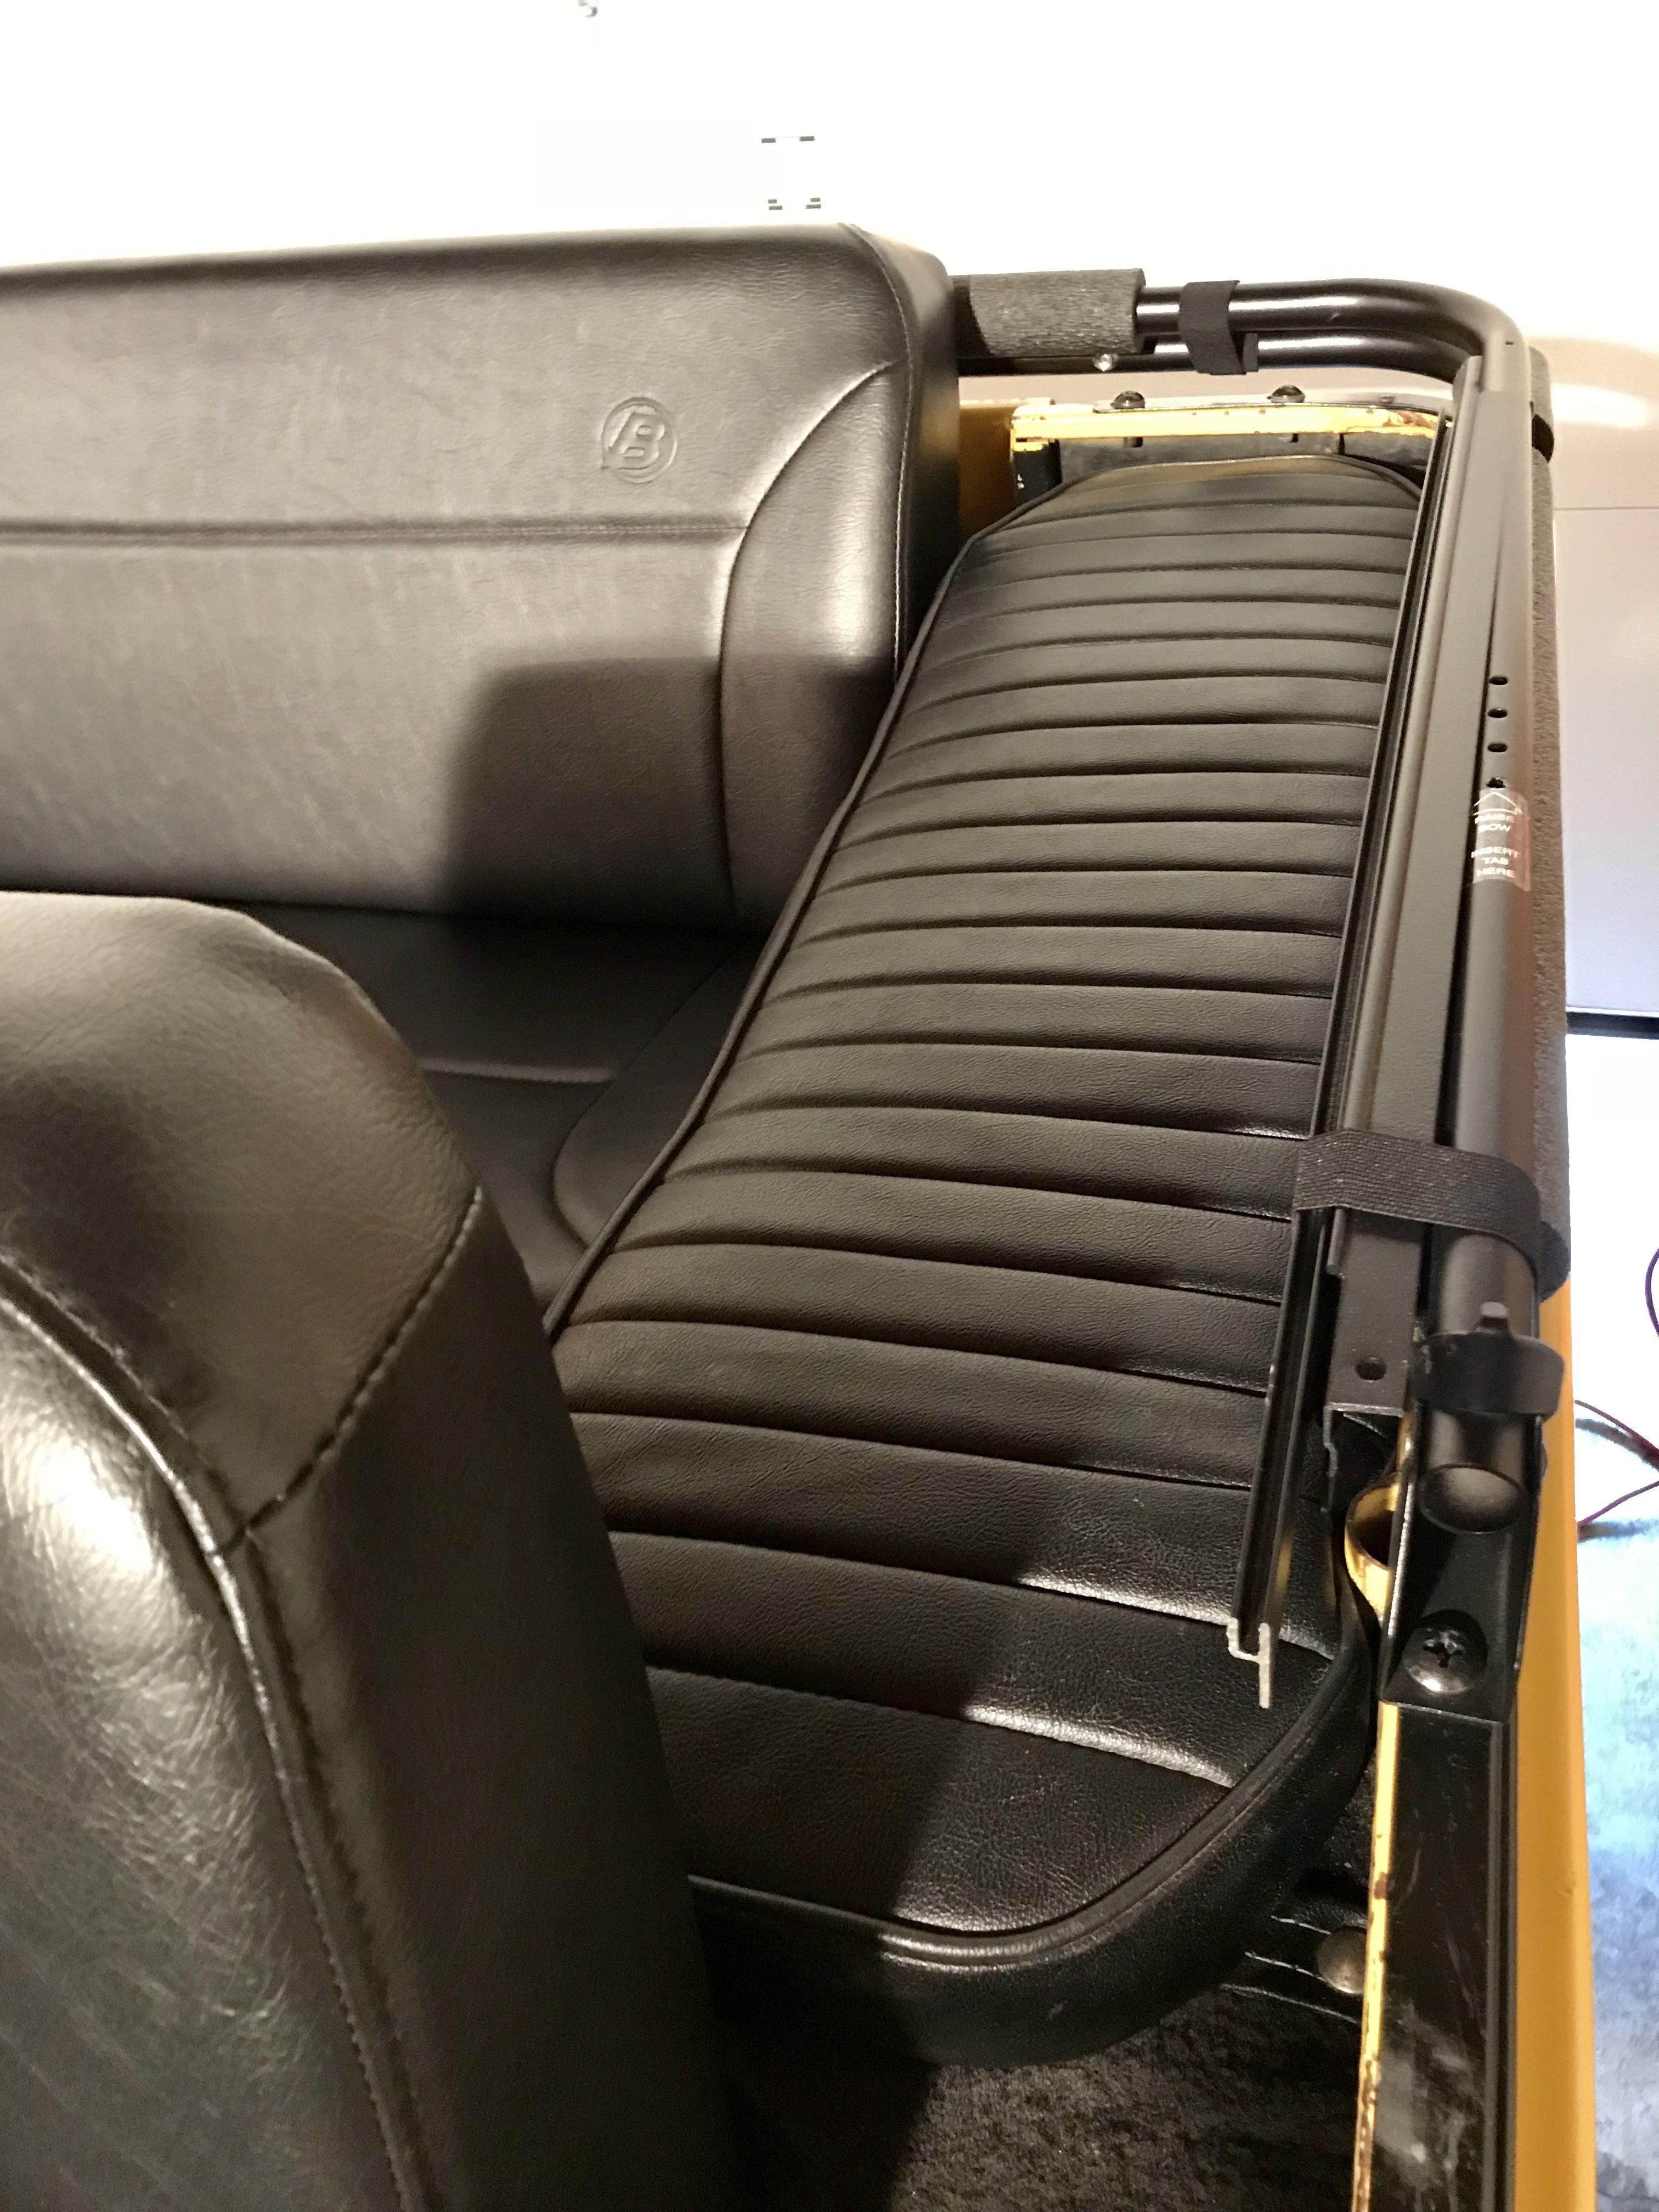 Fenderwell Seat Cushions Jeep Cj5 Old Jeep Jeep Cj7